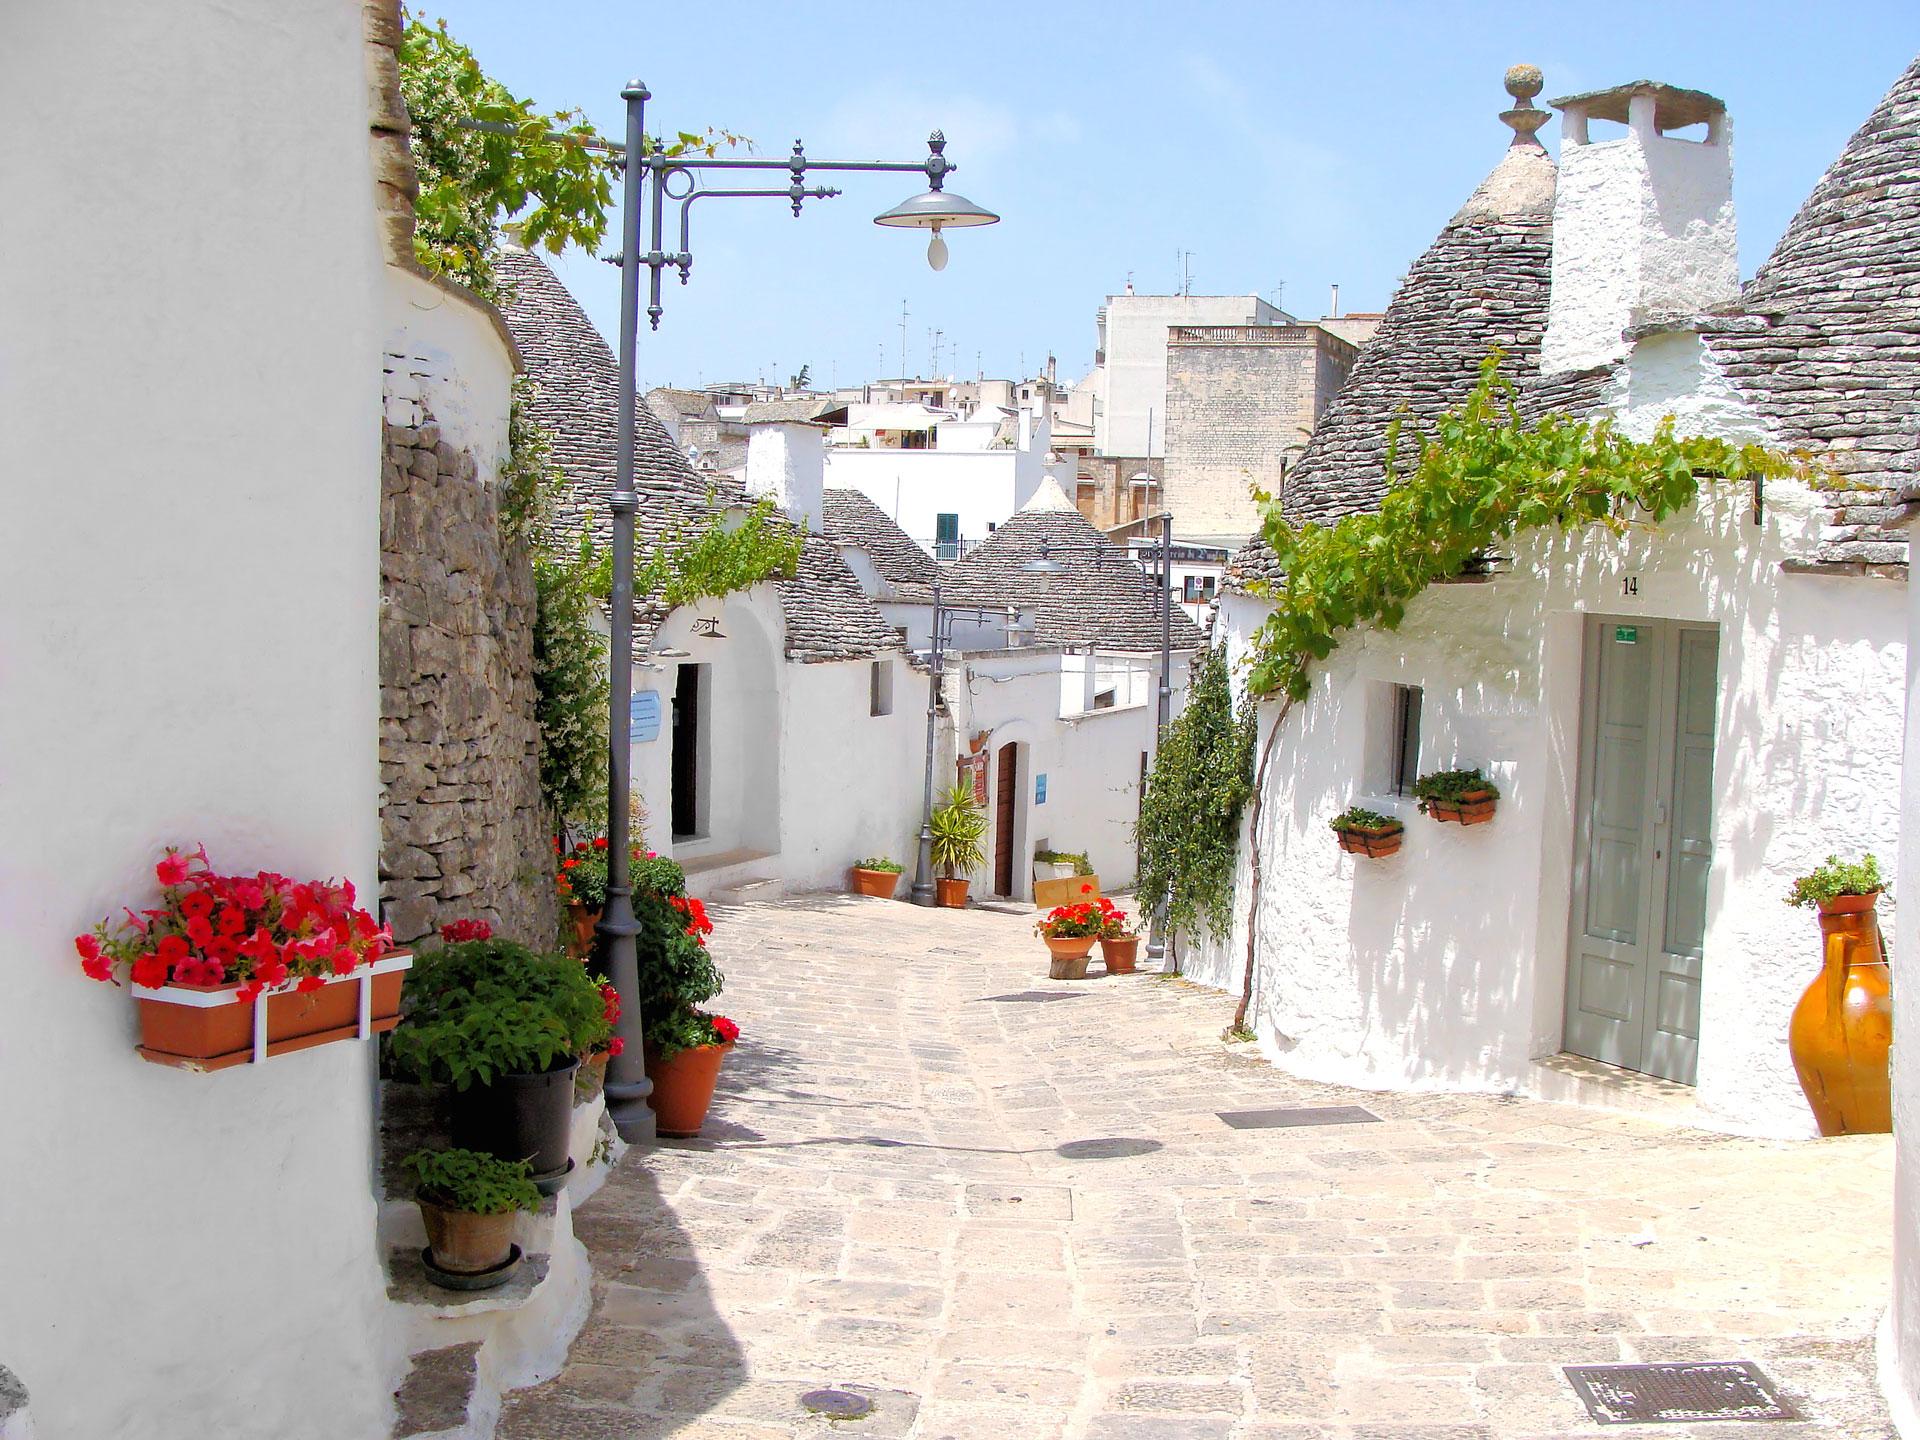 Attività speciali vacanze Puglia